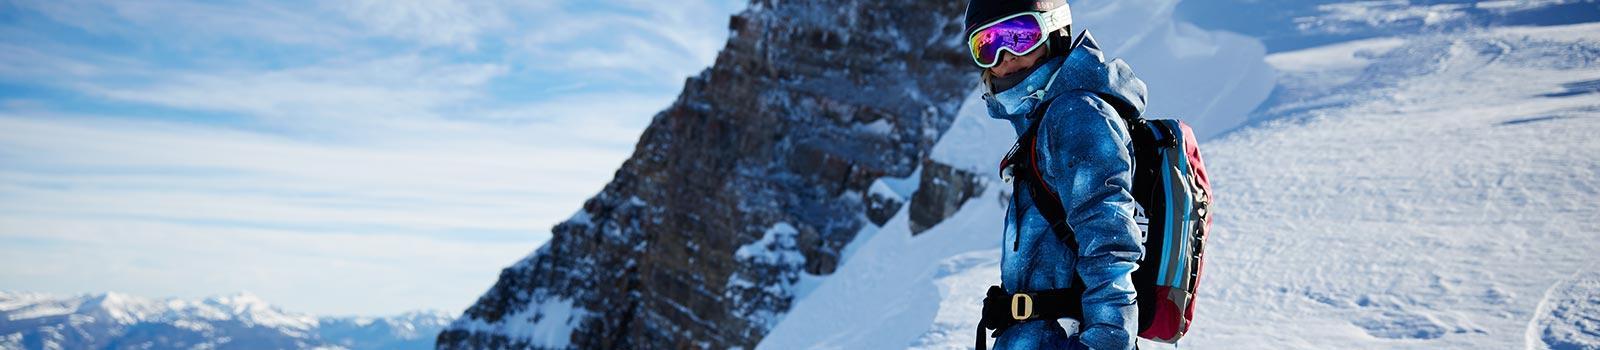 Женские сноубордические шлемы